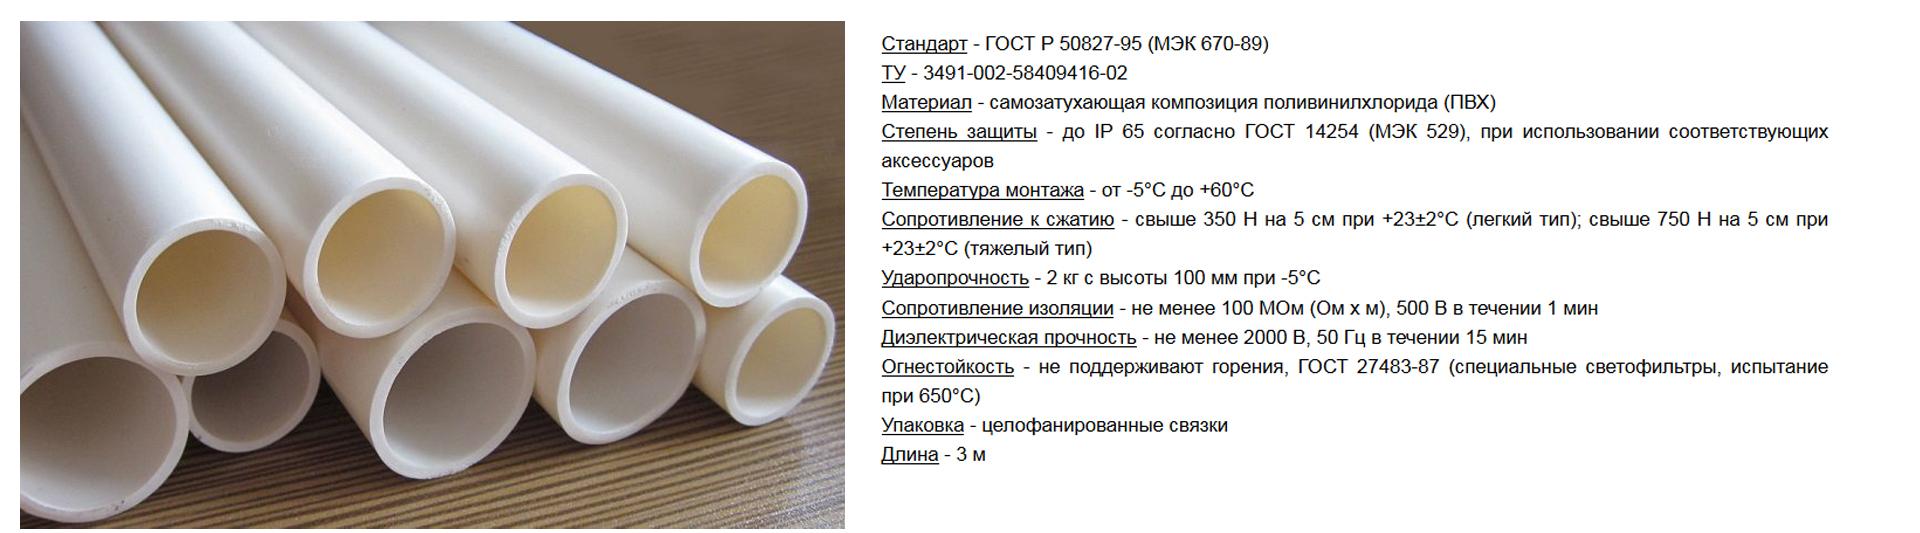 Пвх-труба для электропроводки: электротехническая гладкая продукция для прокладки, электромонтажные жесткие продукты, требования по госту